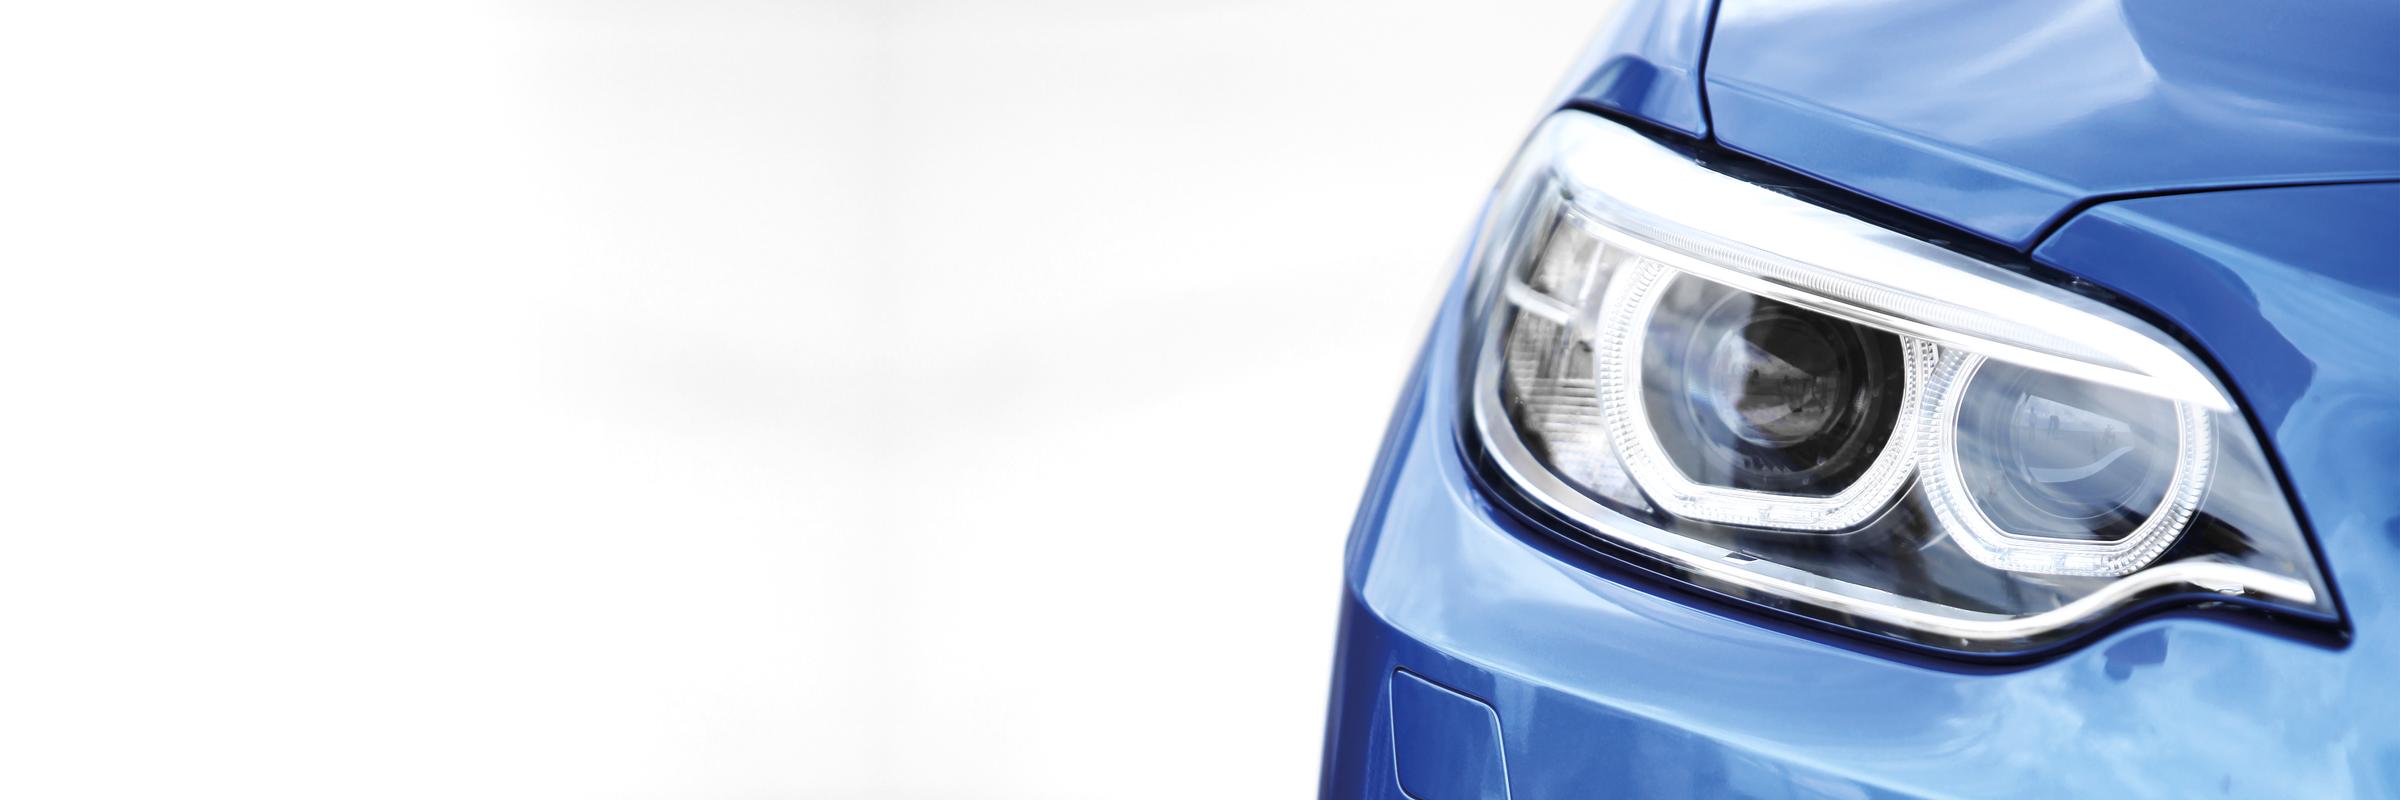 Automóvel e eletromobilidade - LED Lighting